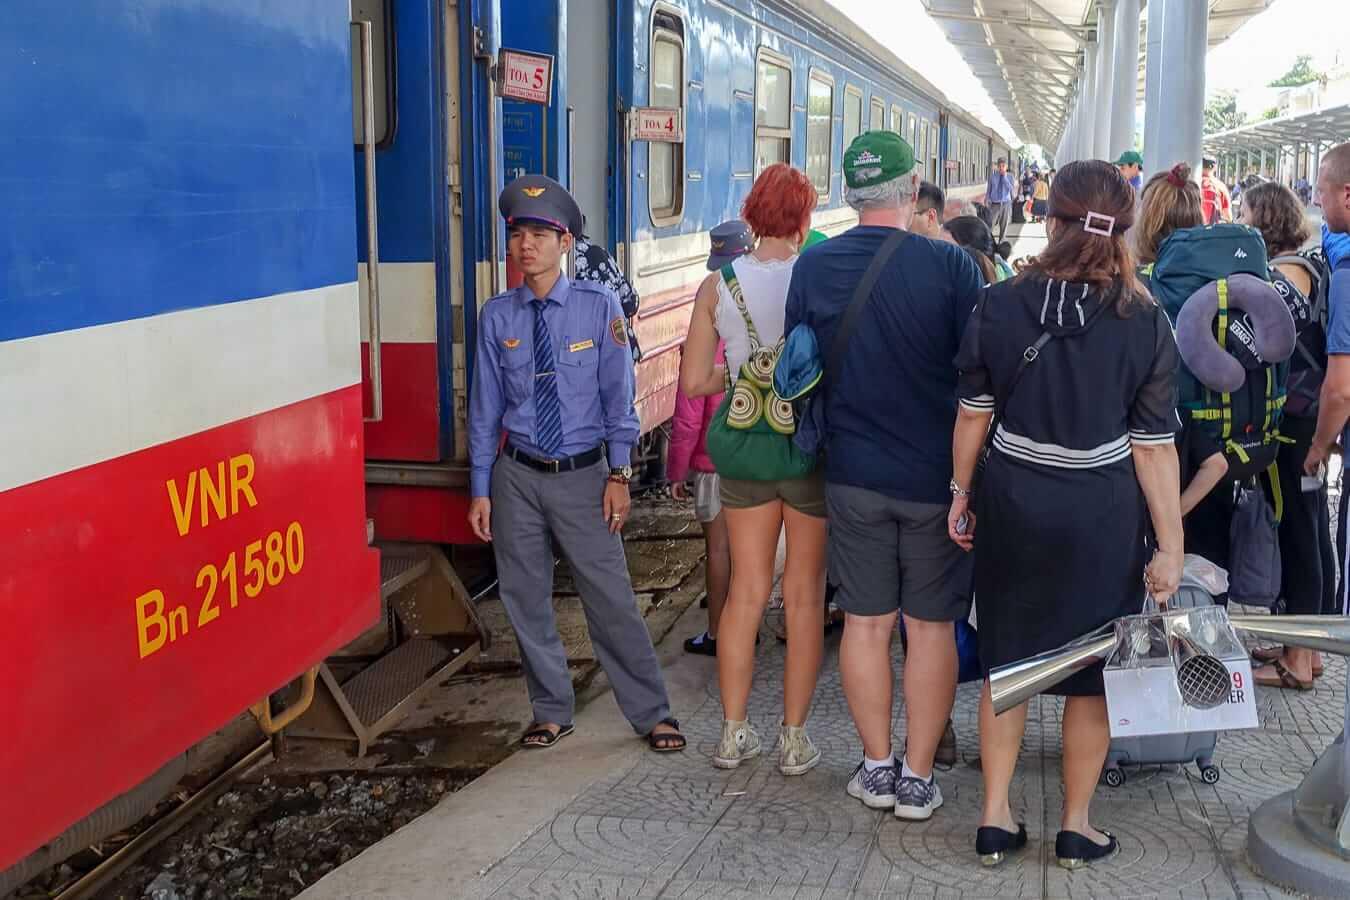 Boarding the train at Da Nang Station